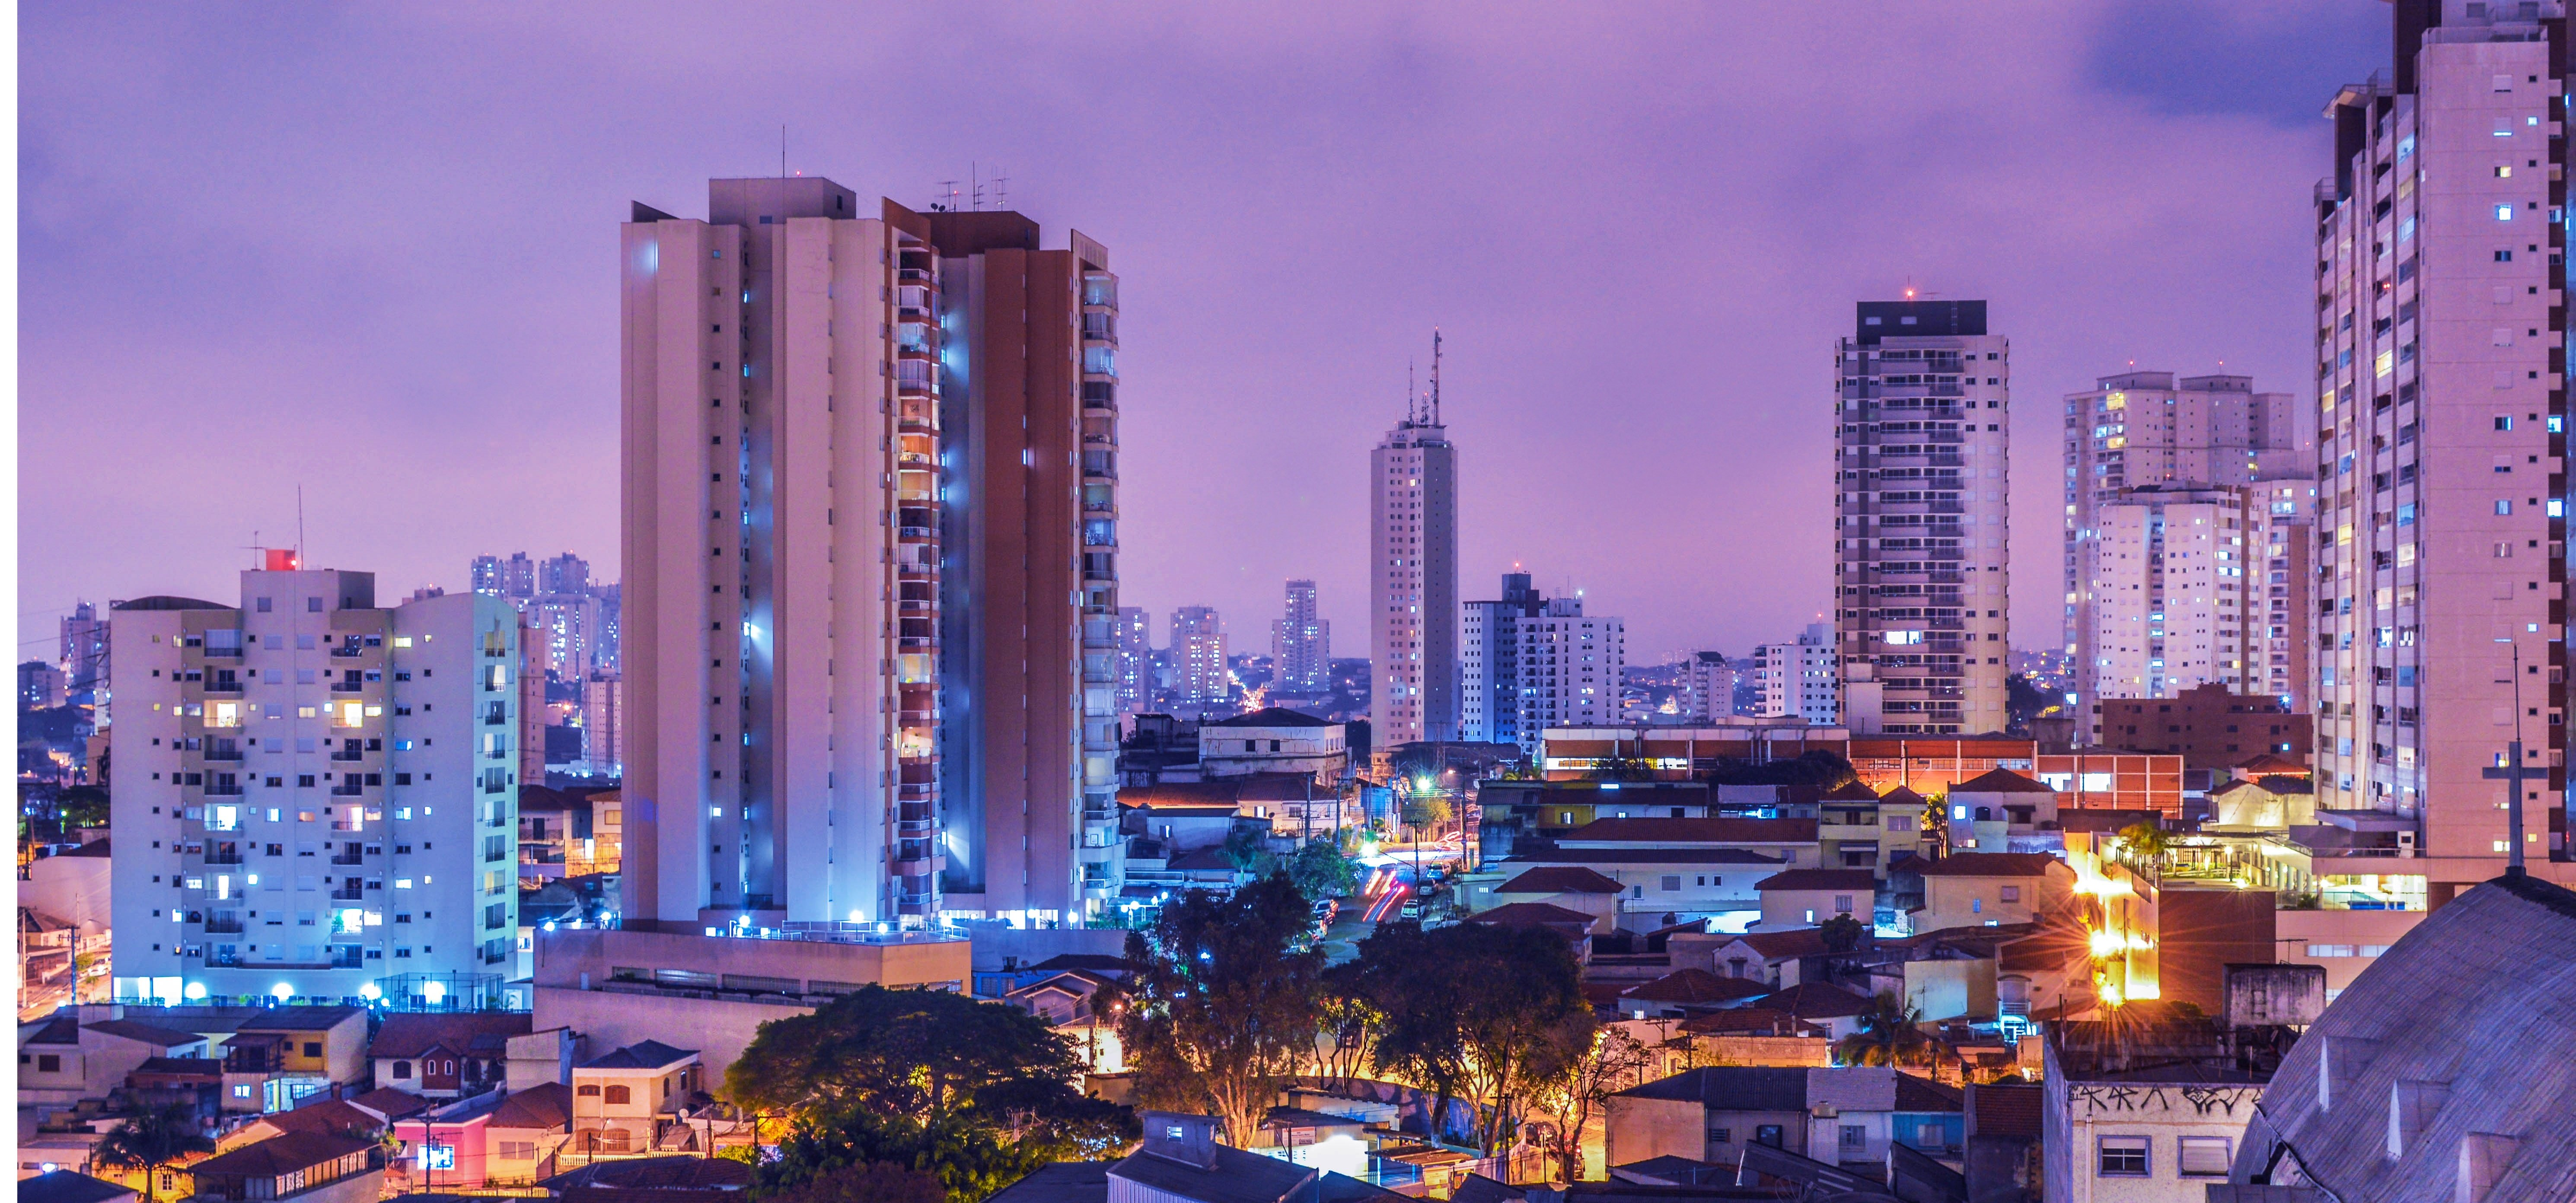 Foregenix expands into Brazil with new São Paulo office